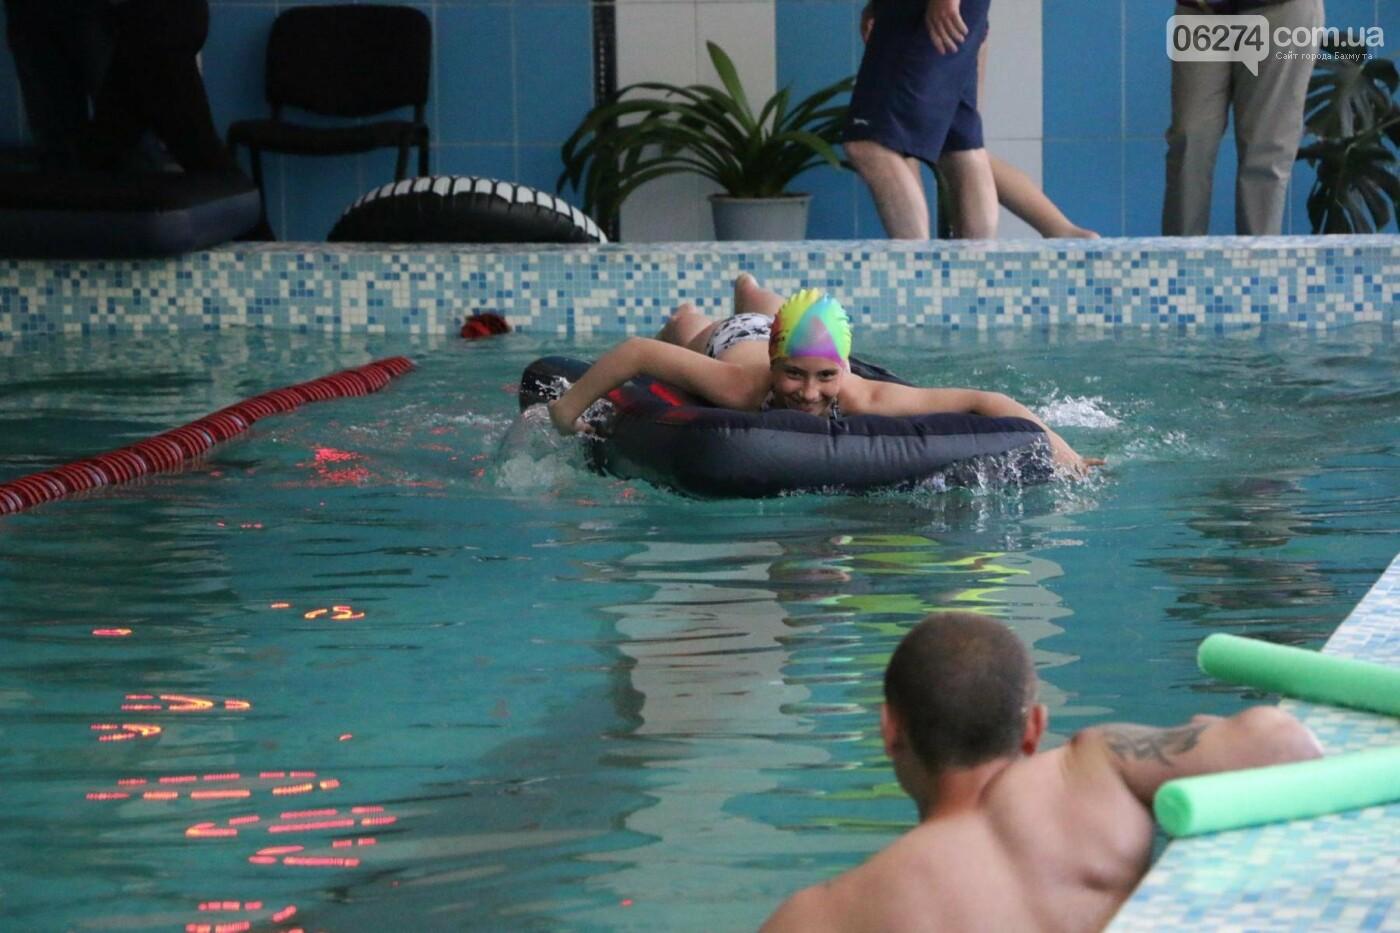 В Бахмуте ко Дню матери и Дню семьи провели семейный заплыв, фото-10